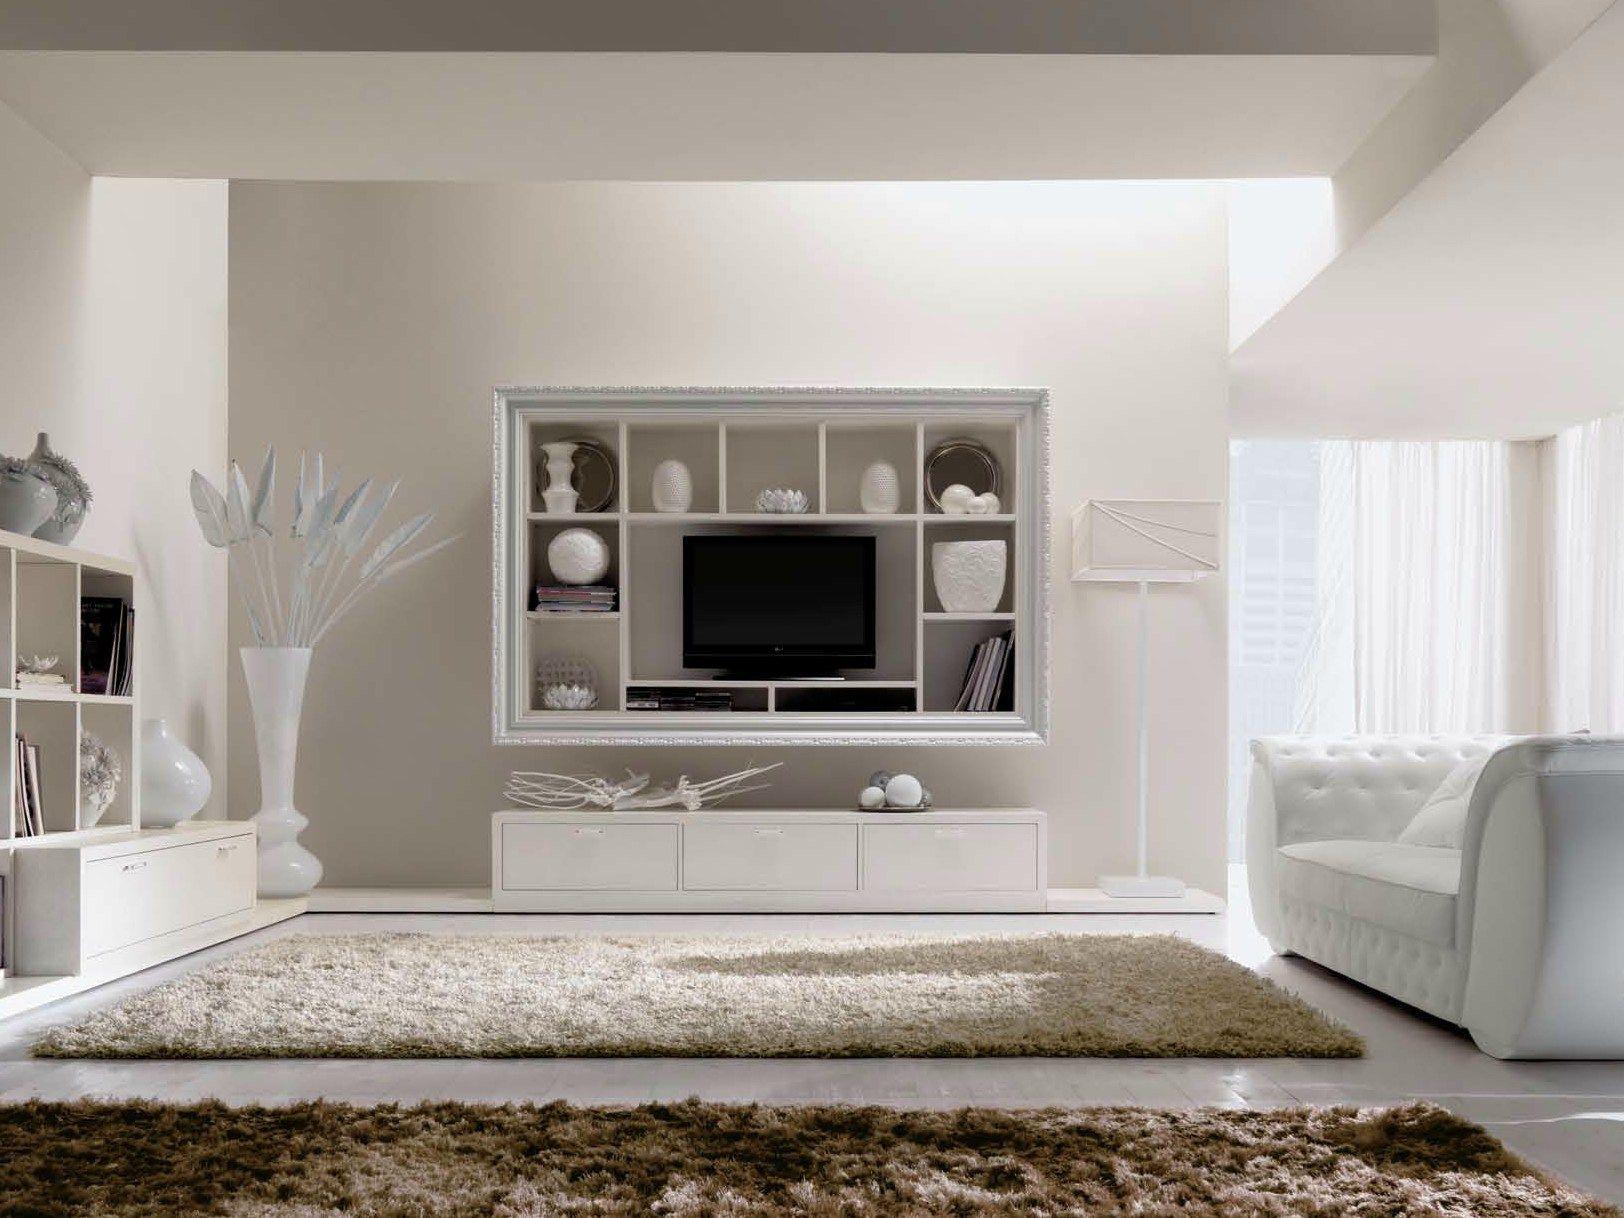 Meuble tv mural en bois avec tag re greta by cortezari - Meuble tv petit espace ...